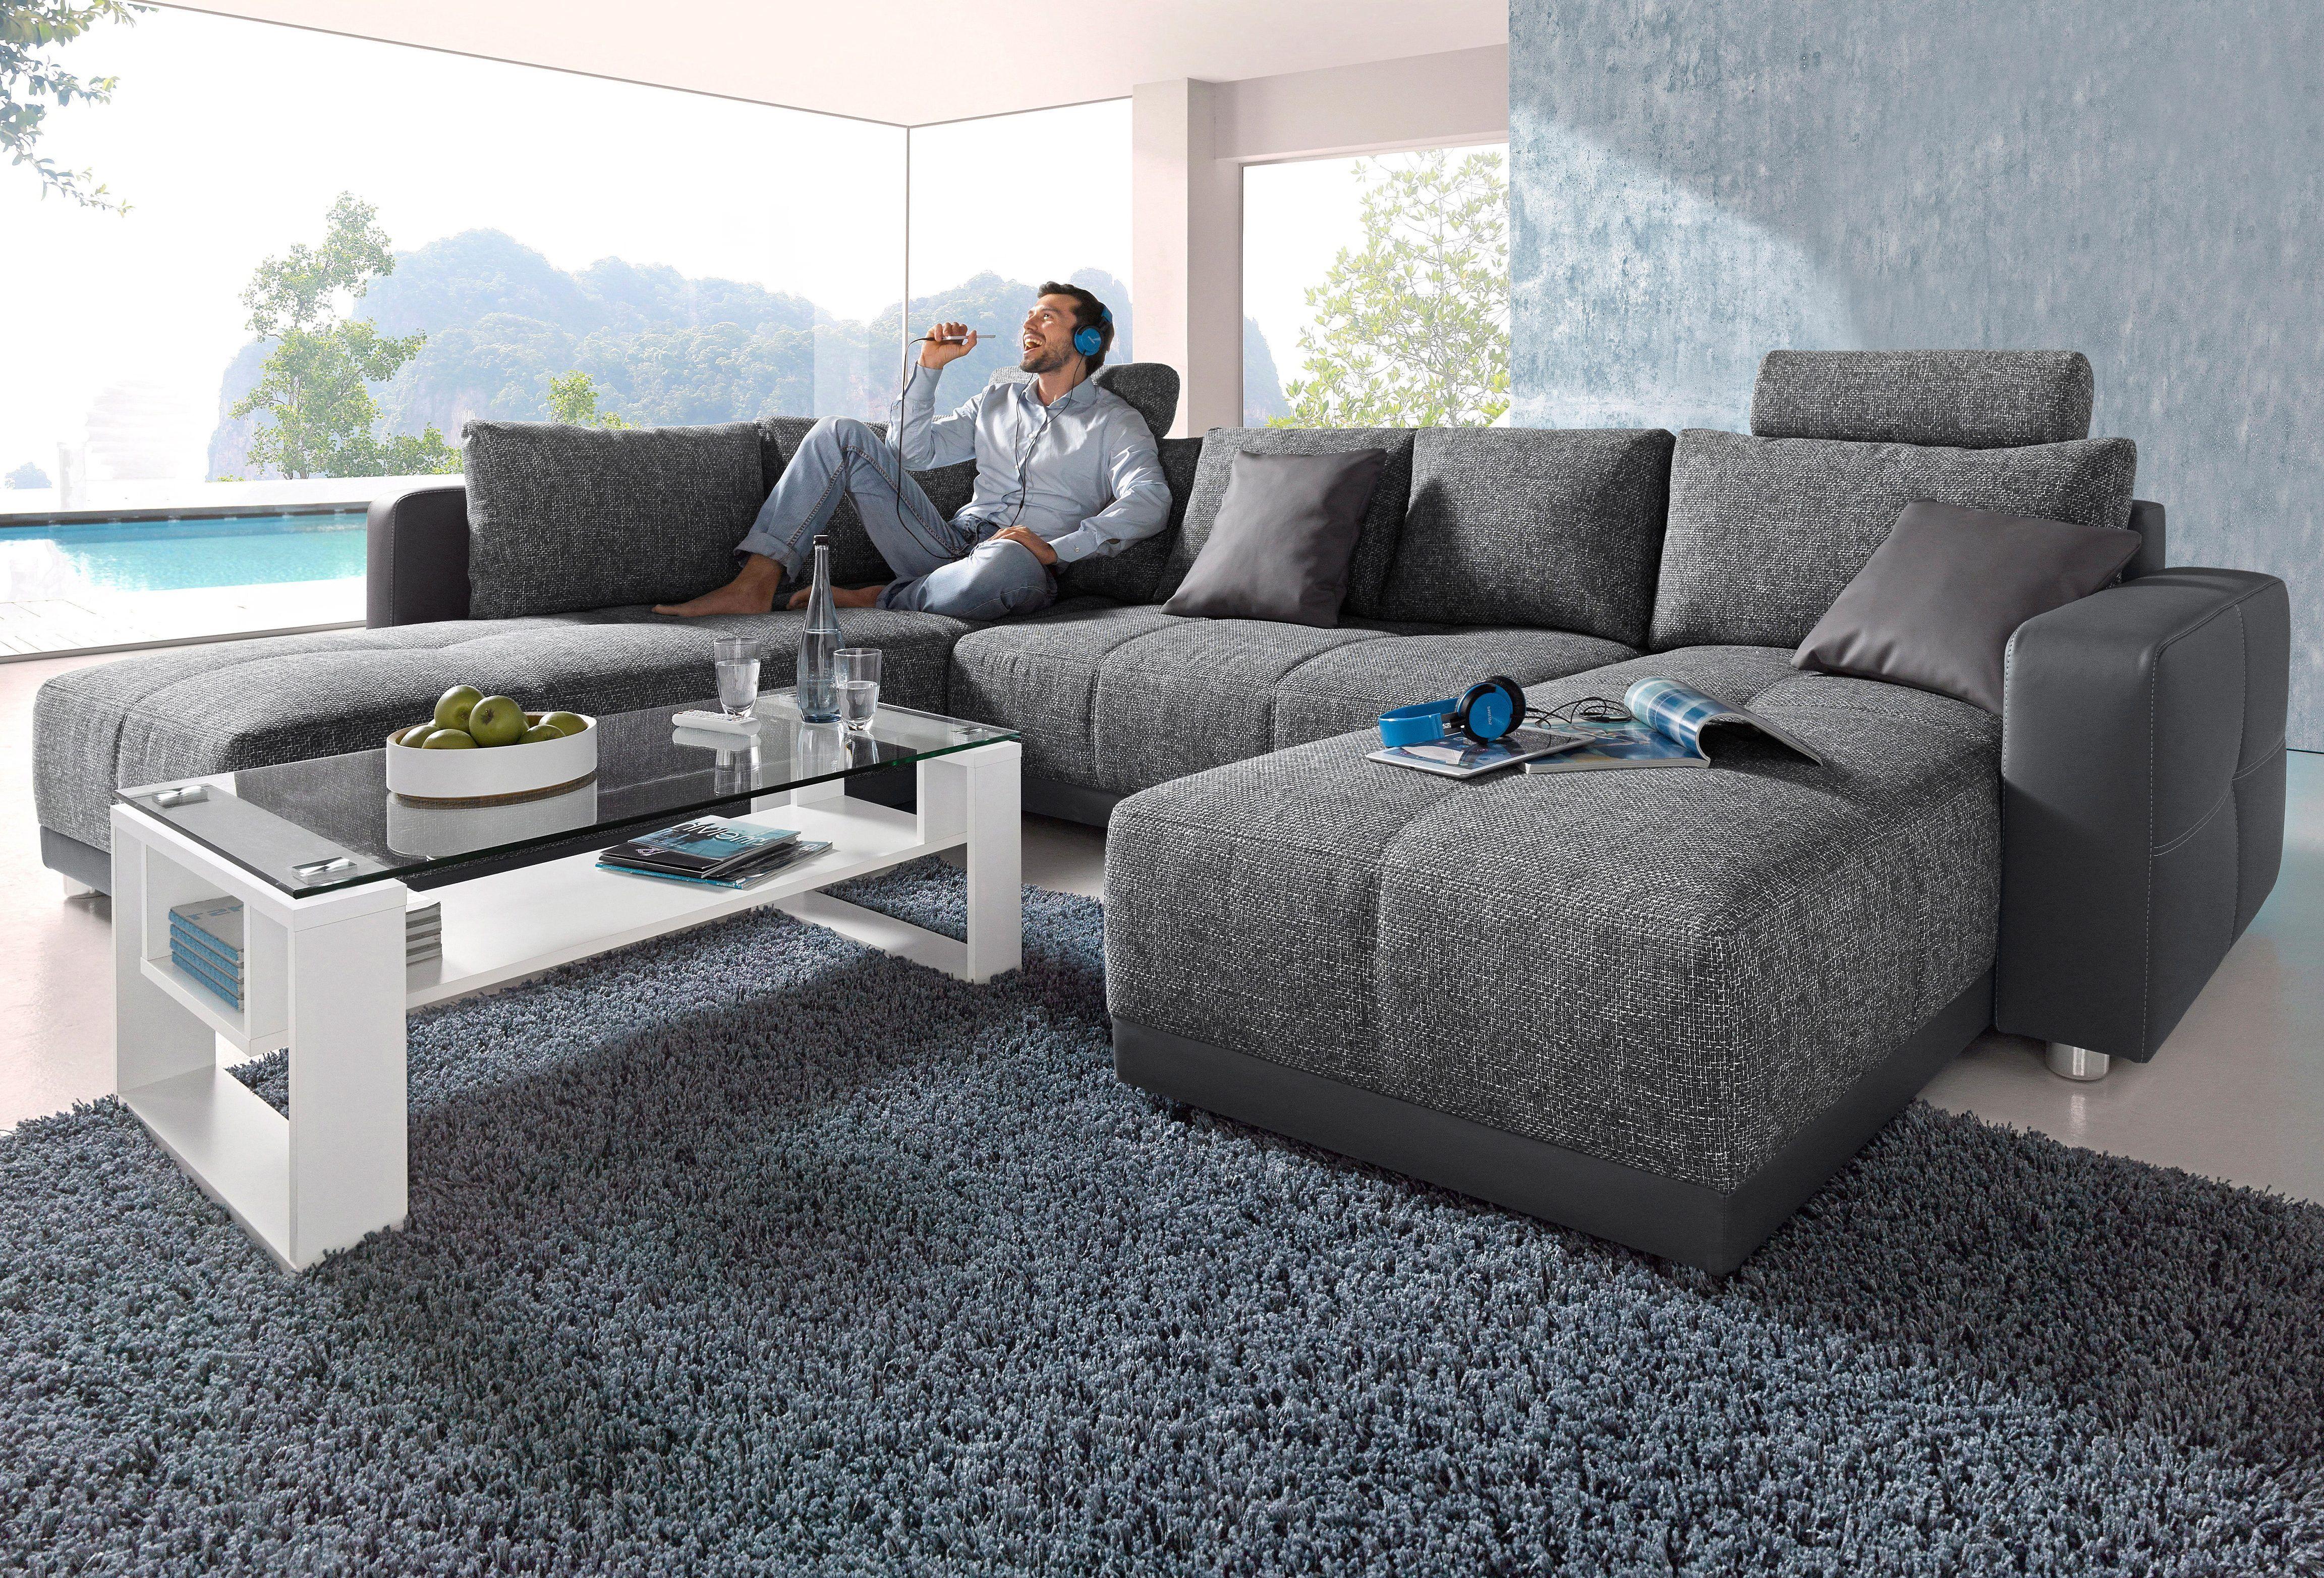 Bettkasten Holz ~ Couch bettkasten. ikea with couch bettkasten. spectacular idea sofa